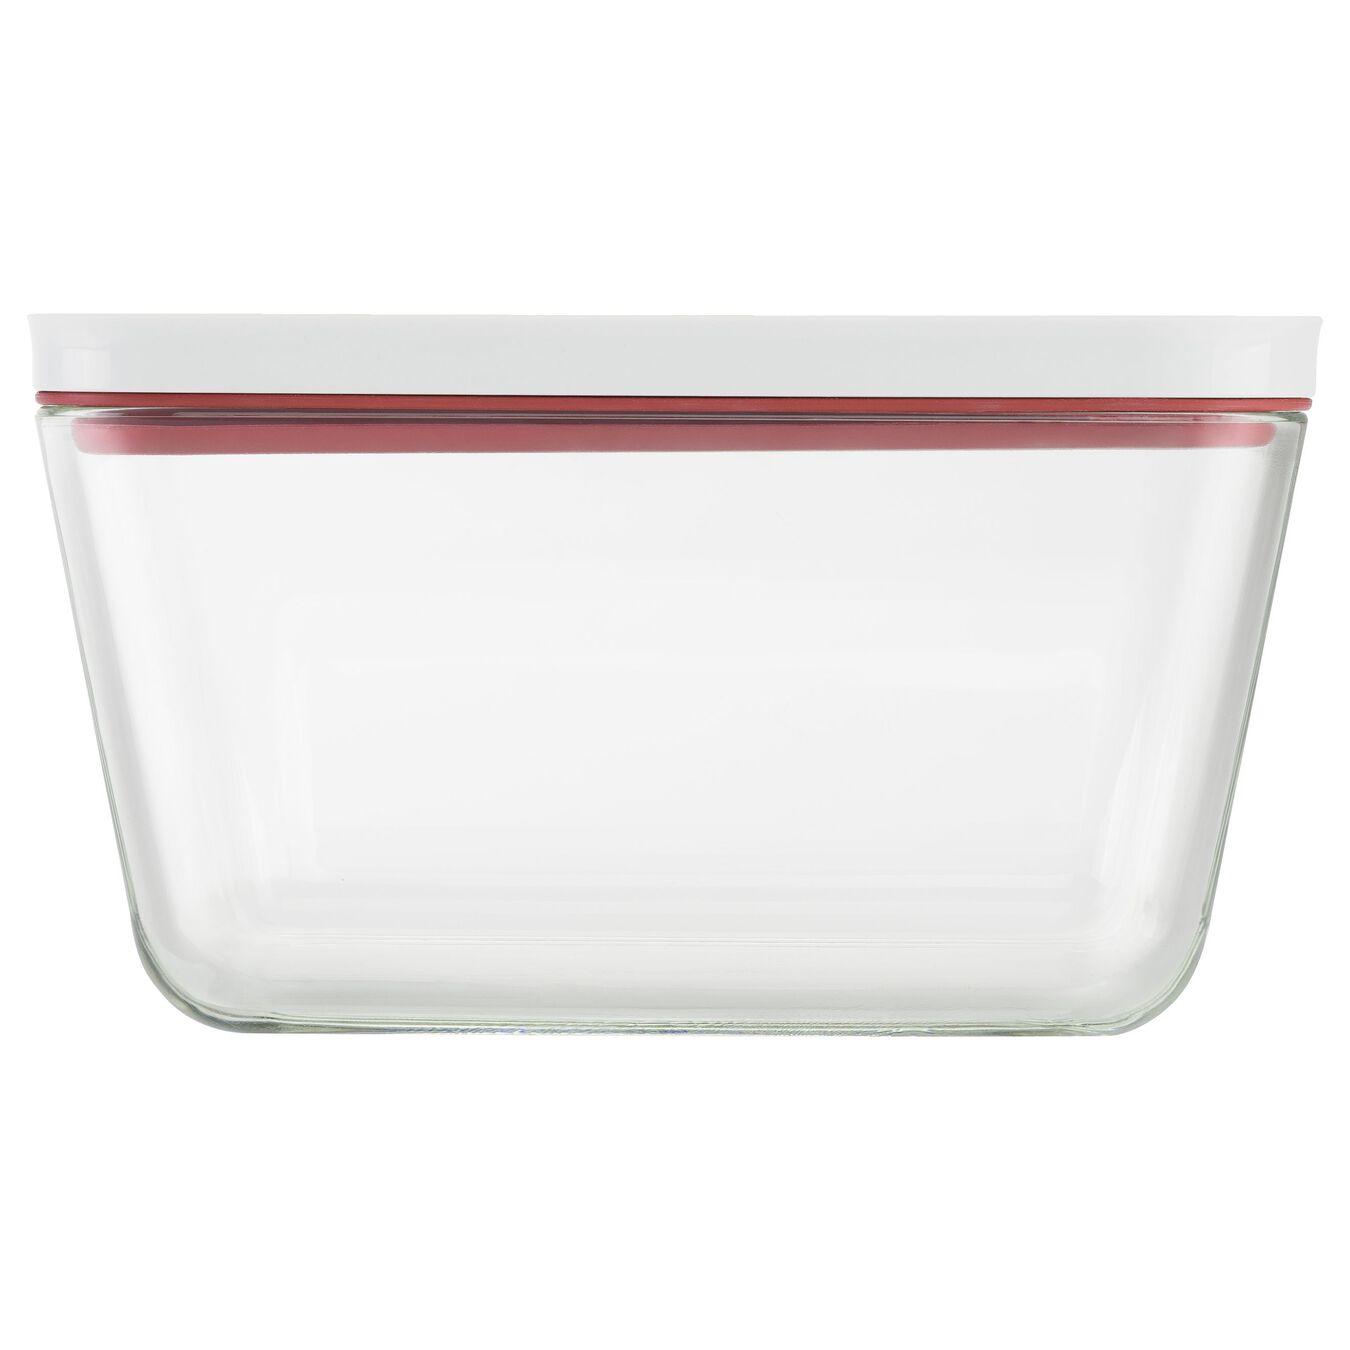 Vakuumbox, L, Glas, Rot,,large 3